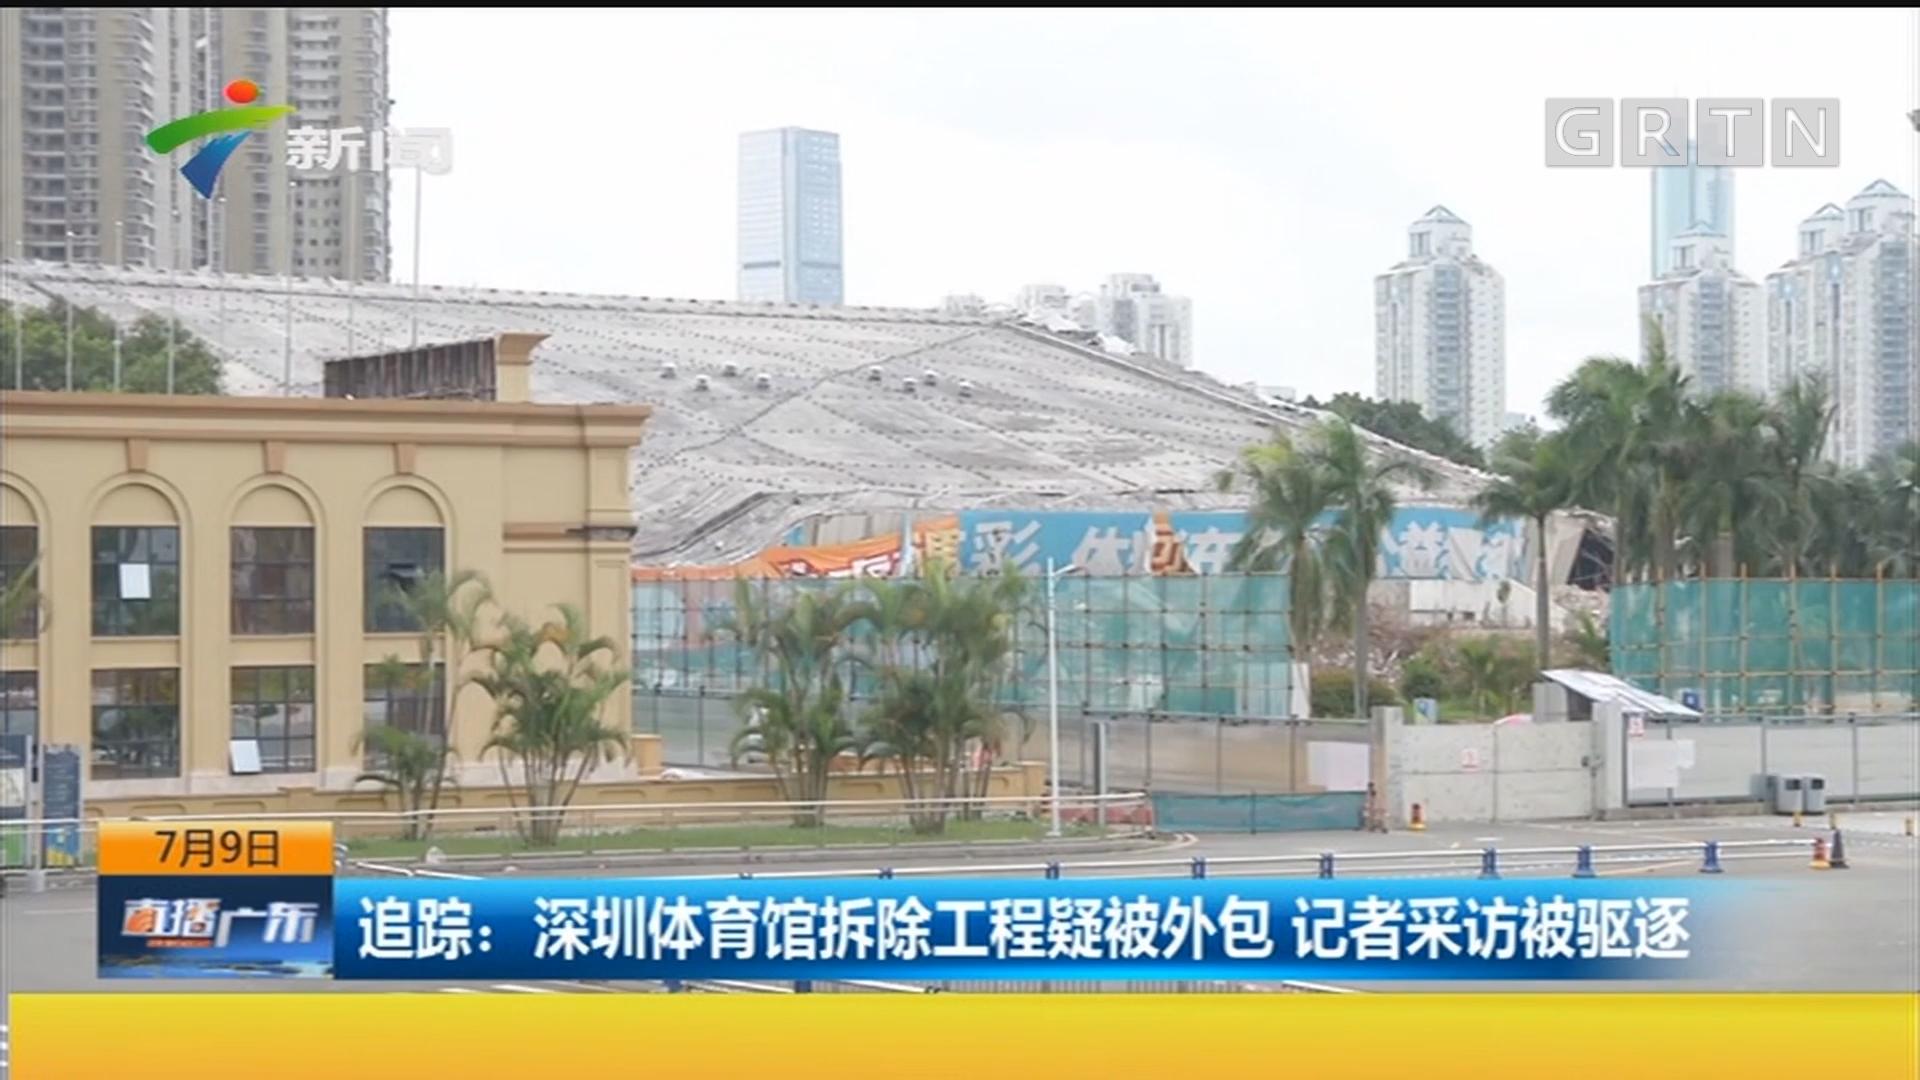 追踪:深圳体育馆拆除工程疑被外包 记者采访被驱逐